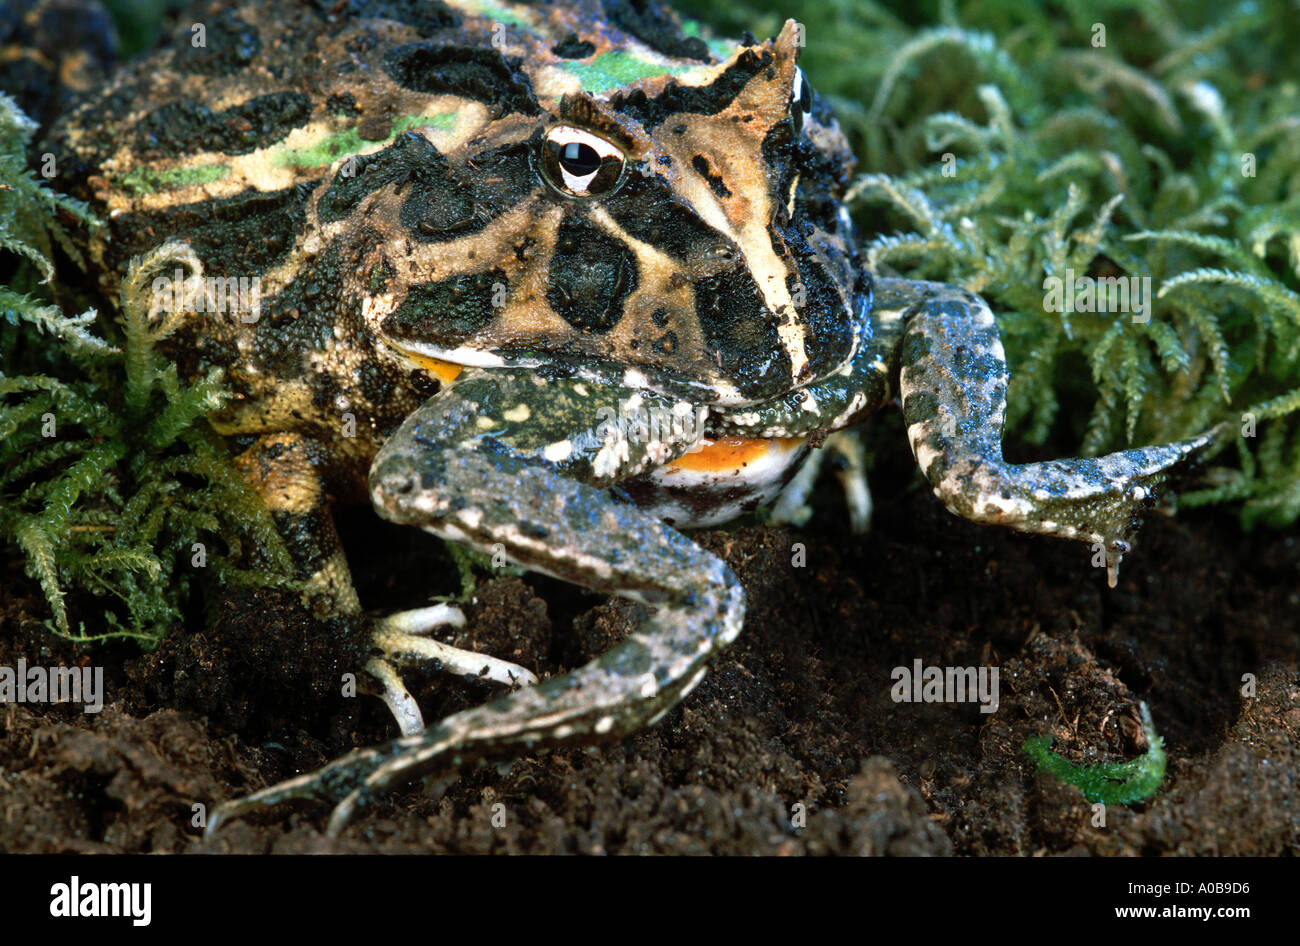 Geh rnte frosch horn frosch ceratophrys ornata essen ein tier der gleichen arten fr sche - Frosch auf englisch ...